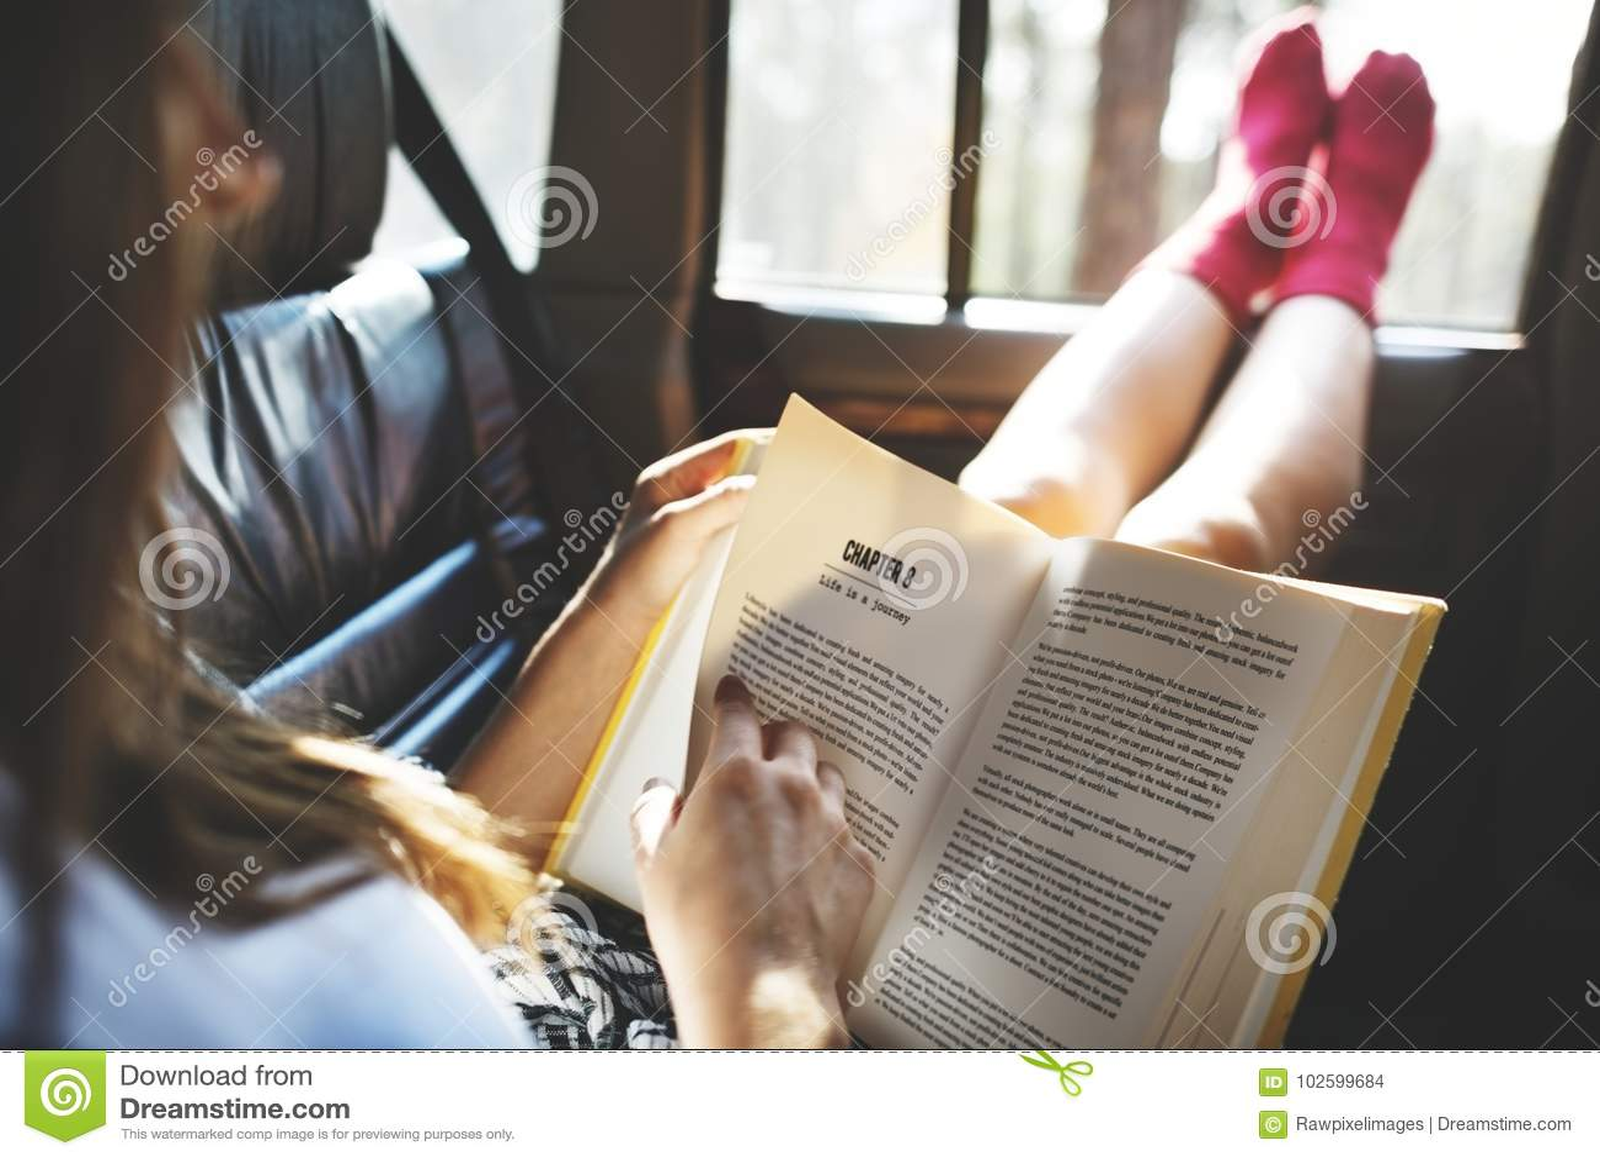 Dziewczyna czyta książkę w samochodzie